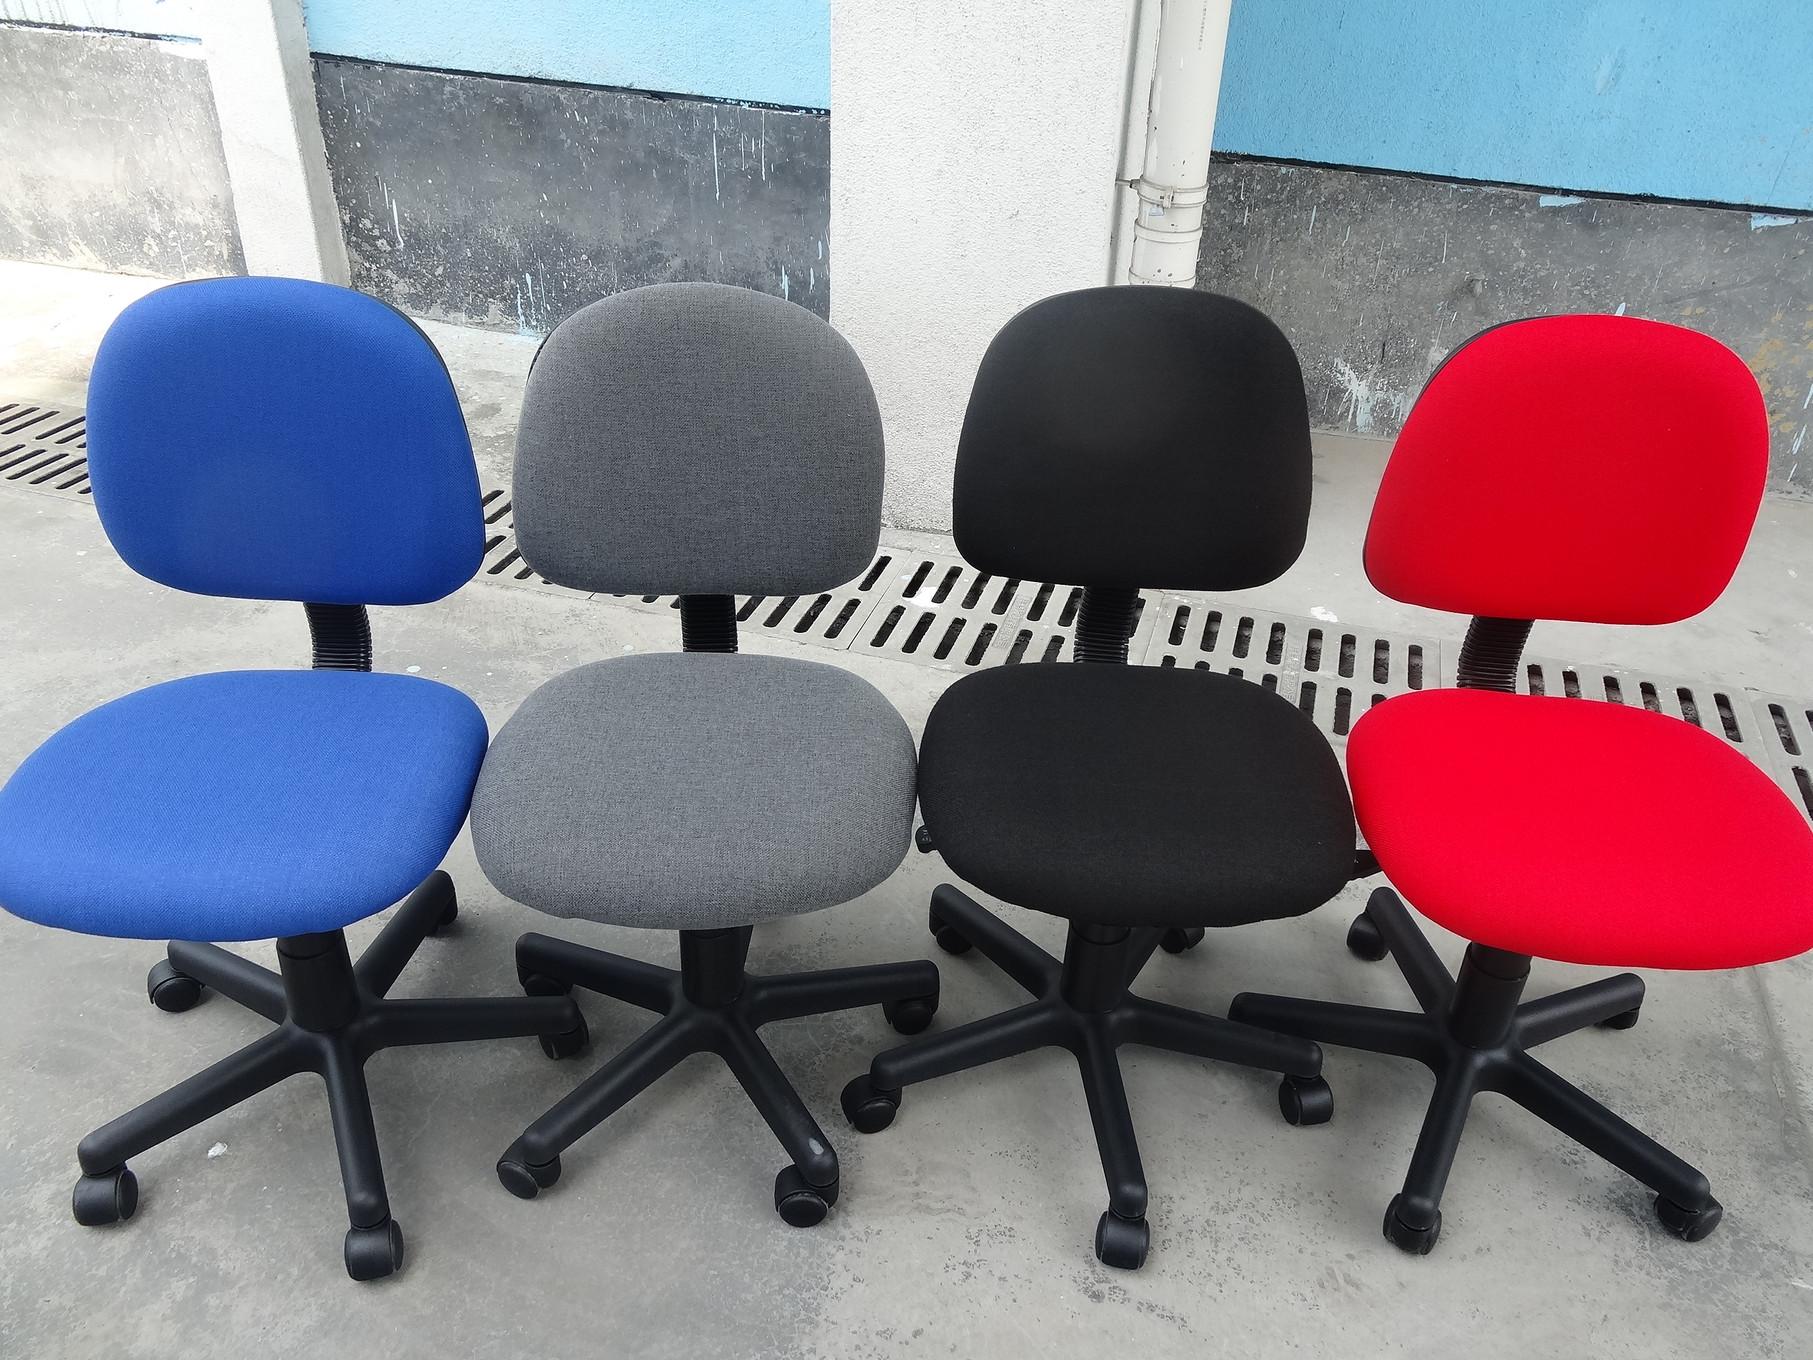 学習椅子パソコン椅子の販促家庭用手すりなしリフト回転椅子ネット女子学生簡単オフィス椅子職員椅子